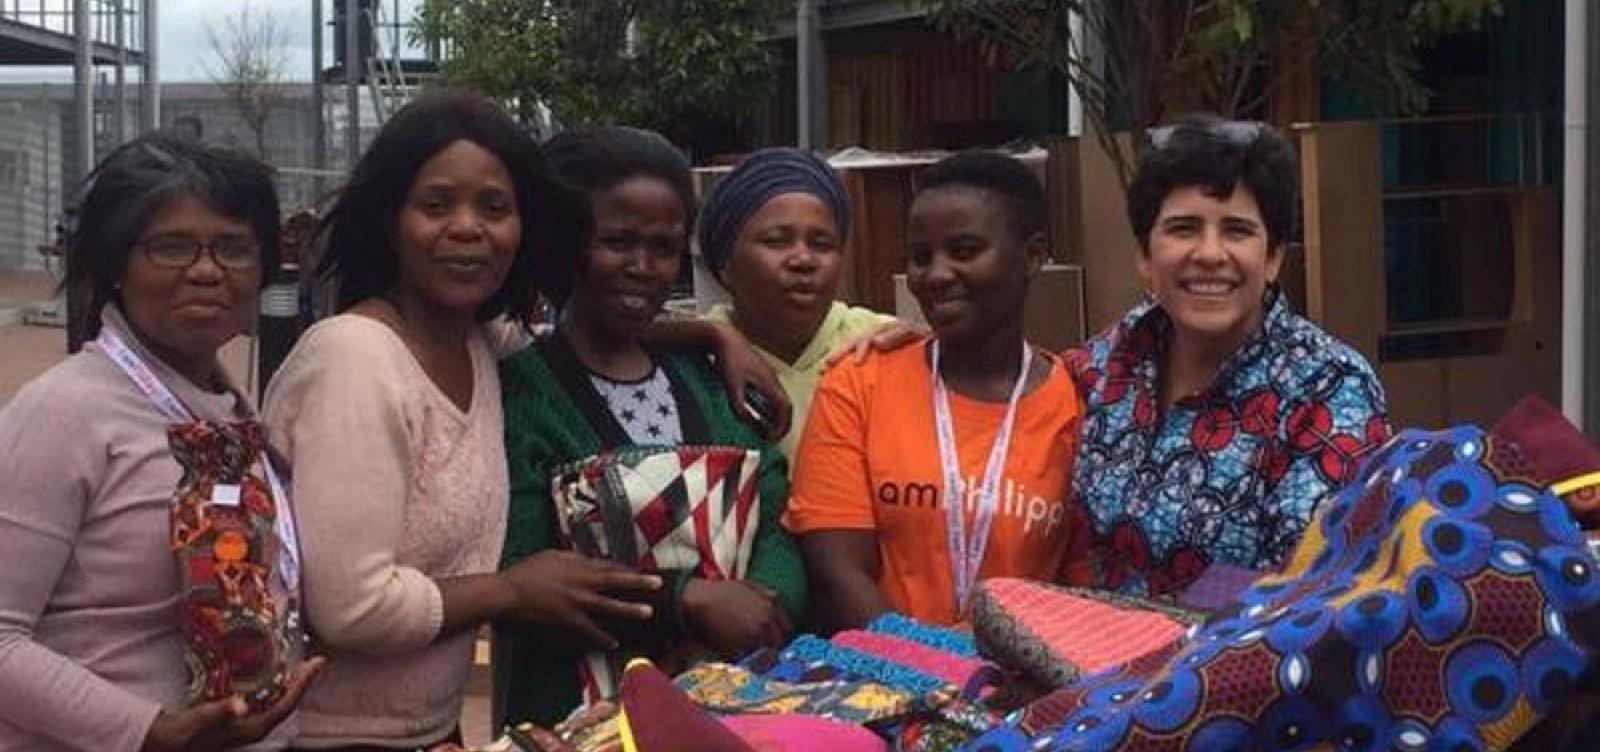 [Brasileira cria projeto para empoderar mulheres em favelas sul-africanas]